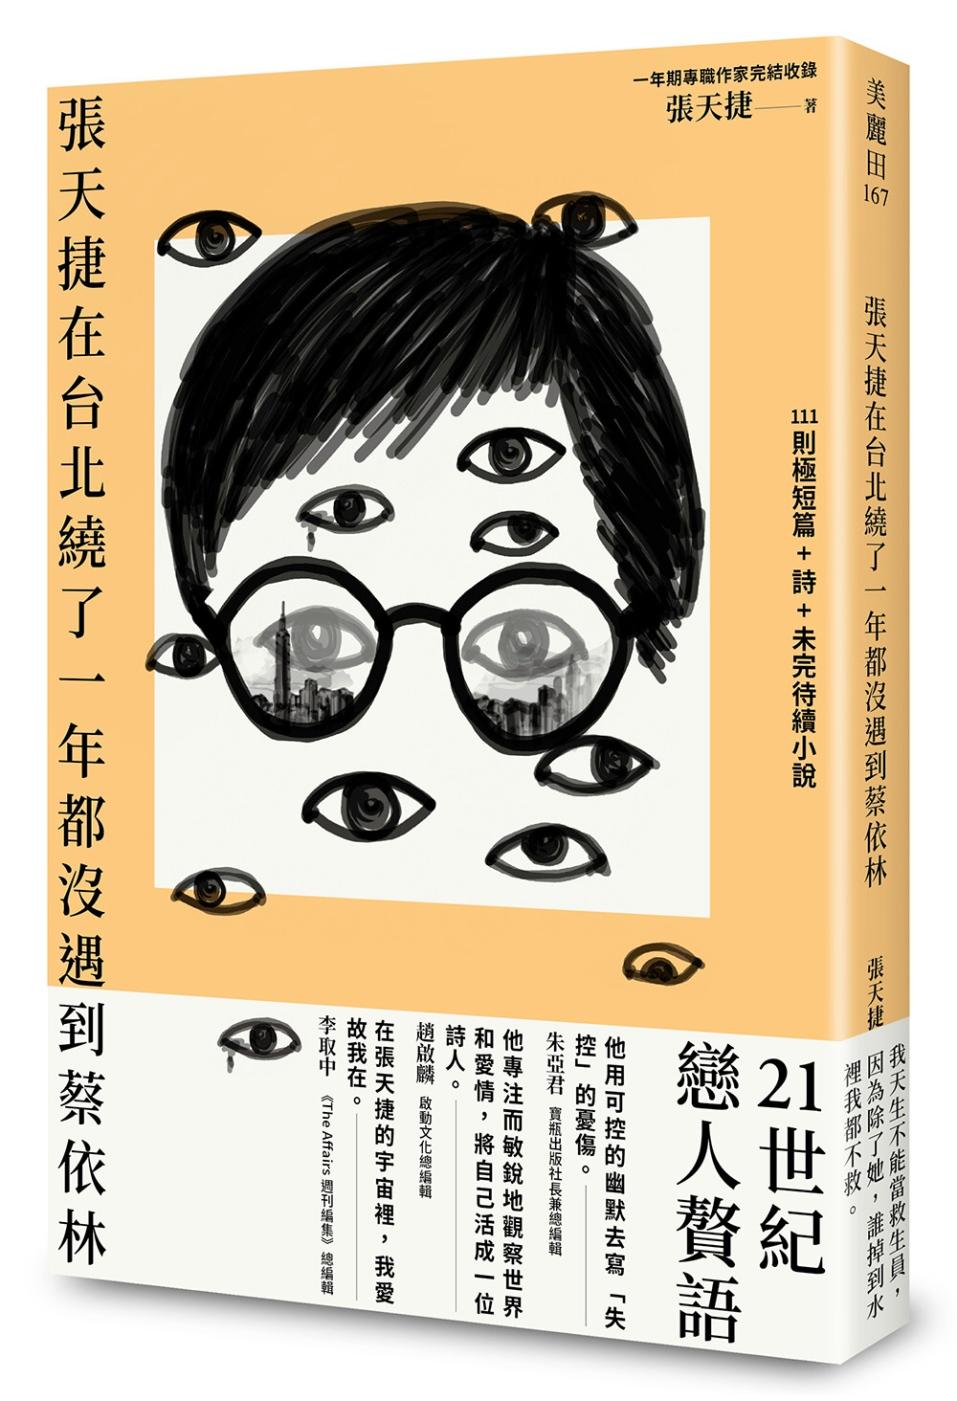 張天捷在台北繞了一年都沒遇到蔡依林【限量親簽版】